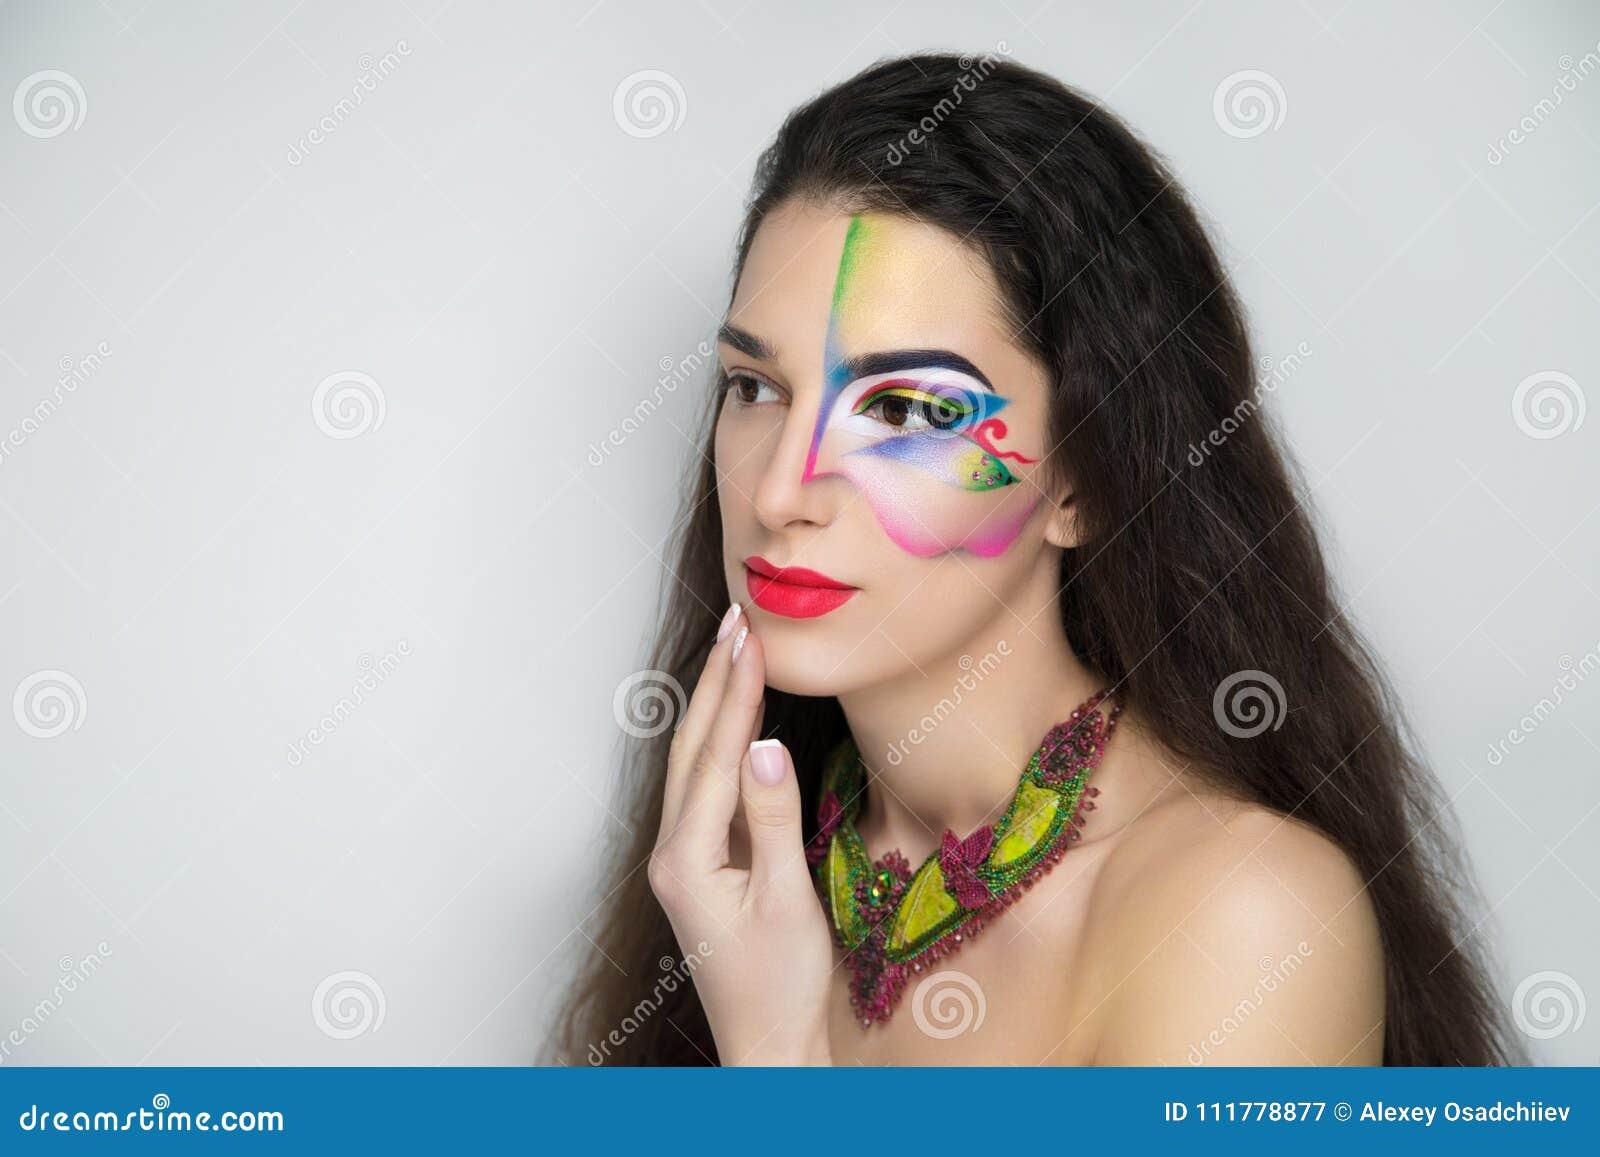 Fantasy woman make up